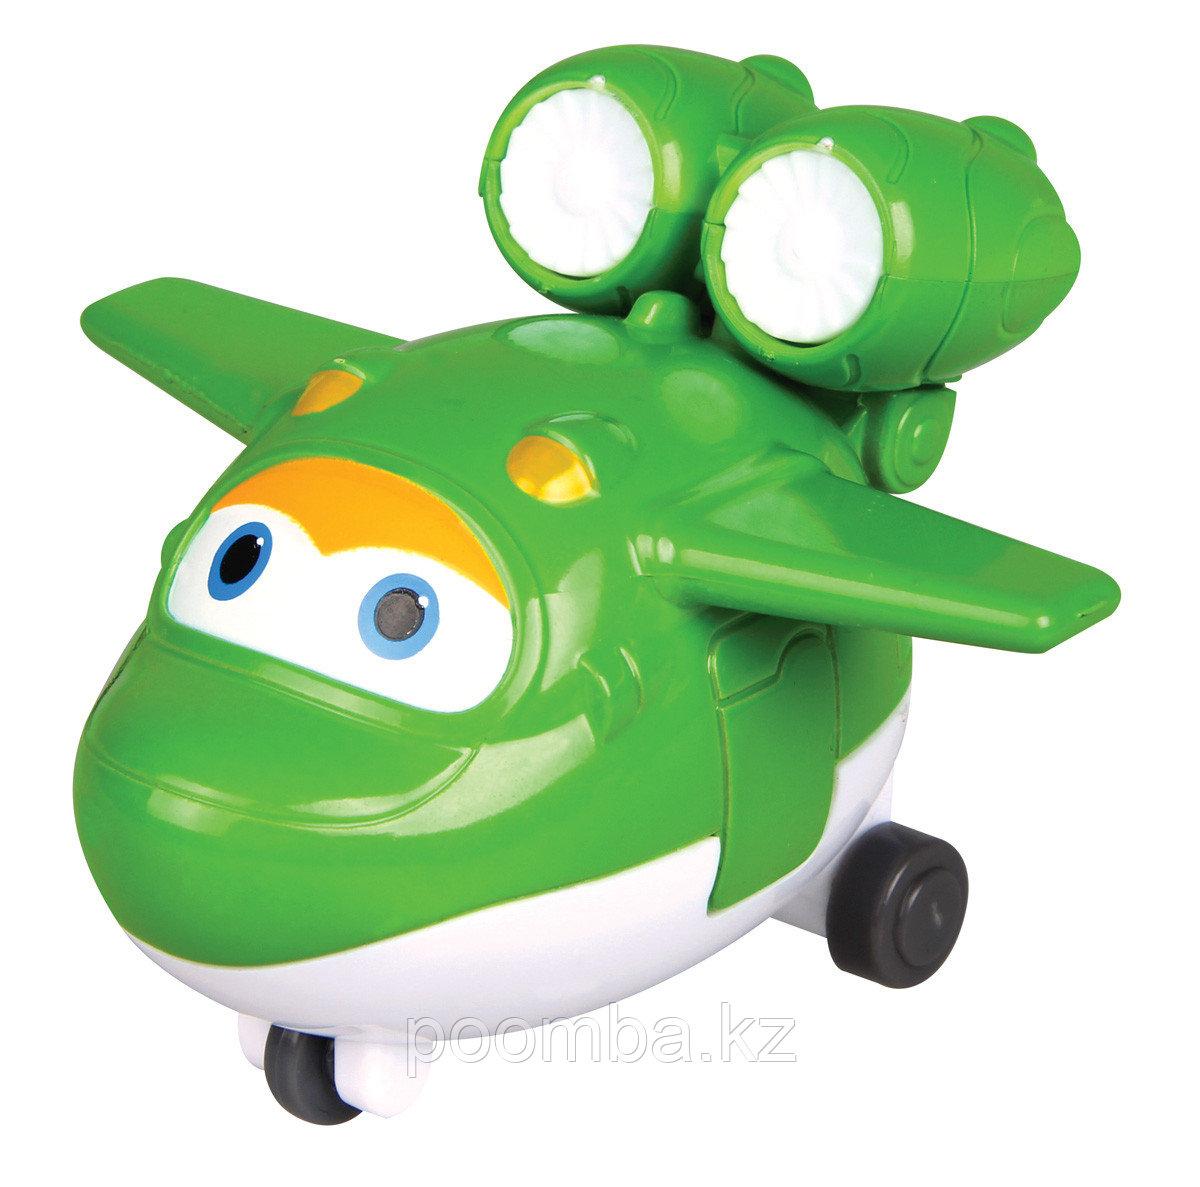 """Металлический самолет """"Супер крылья"""" - Мира"""